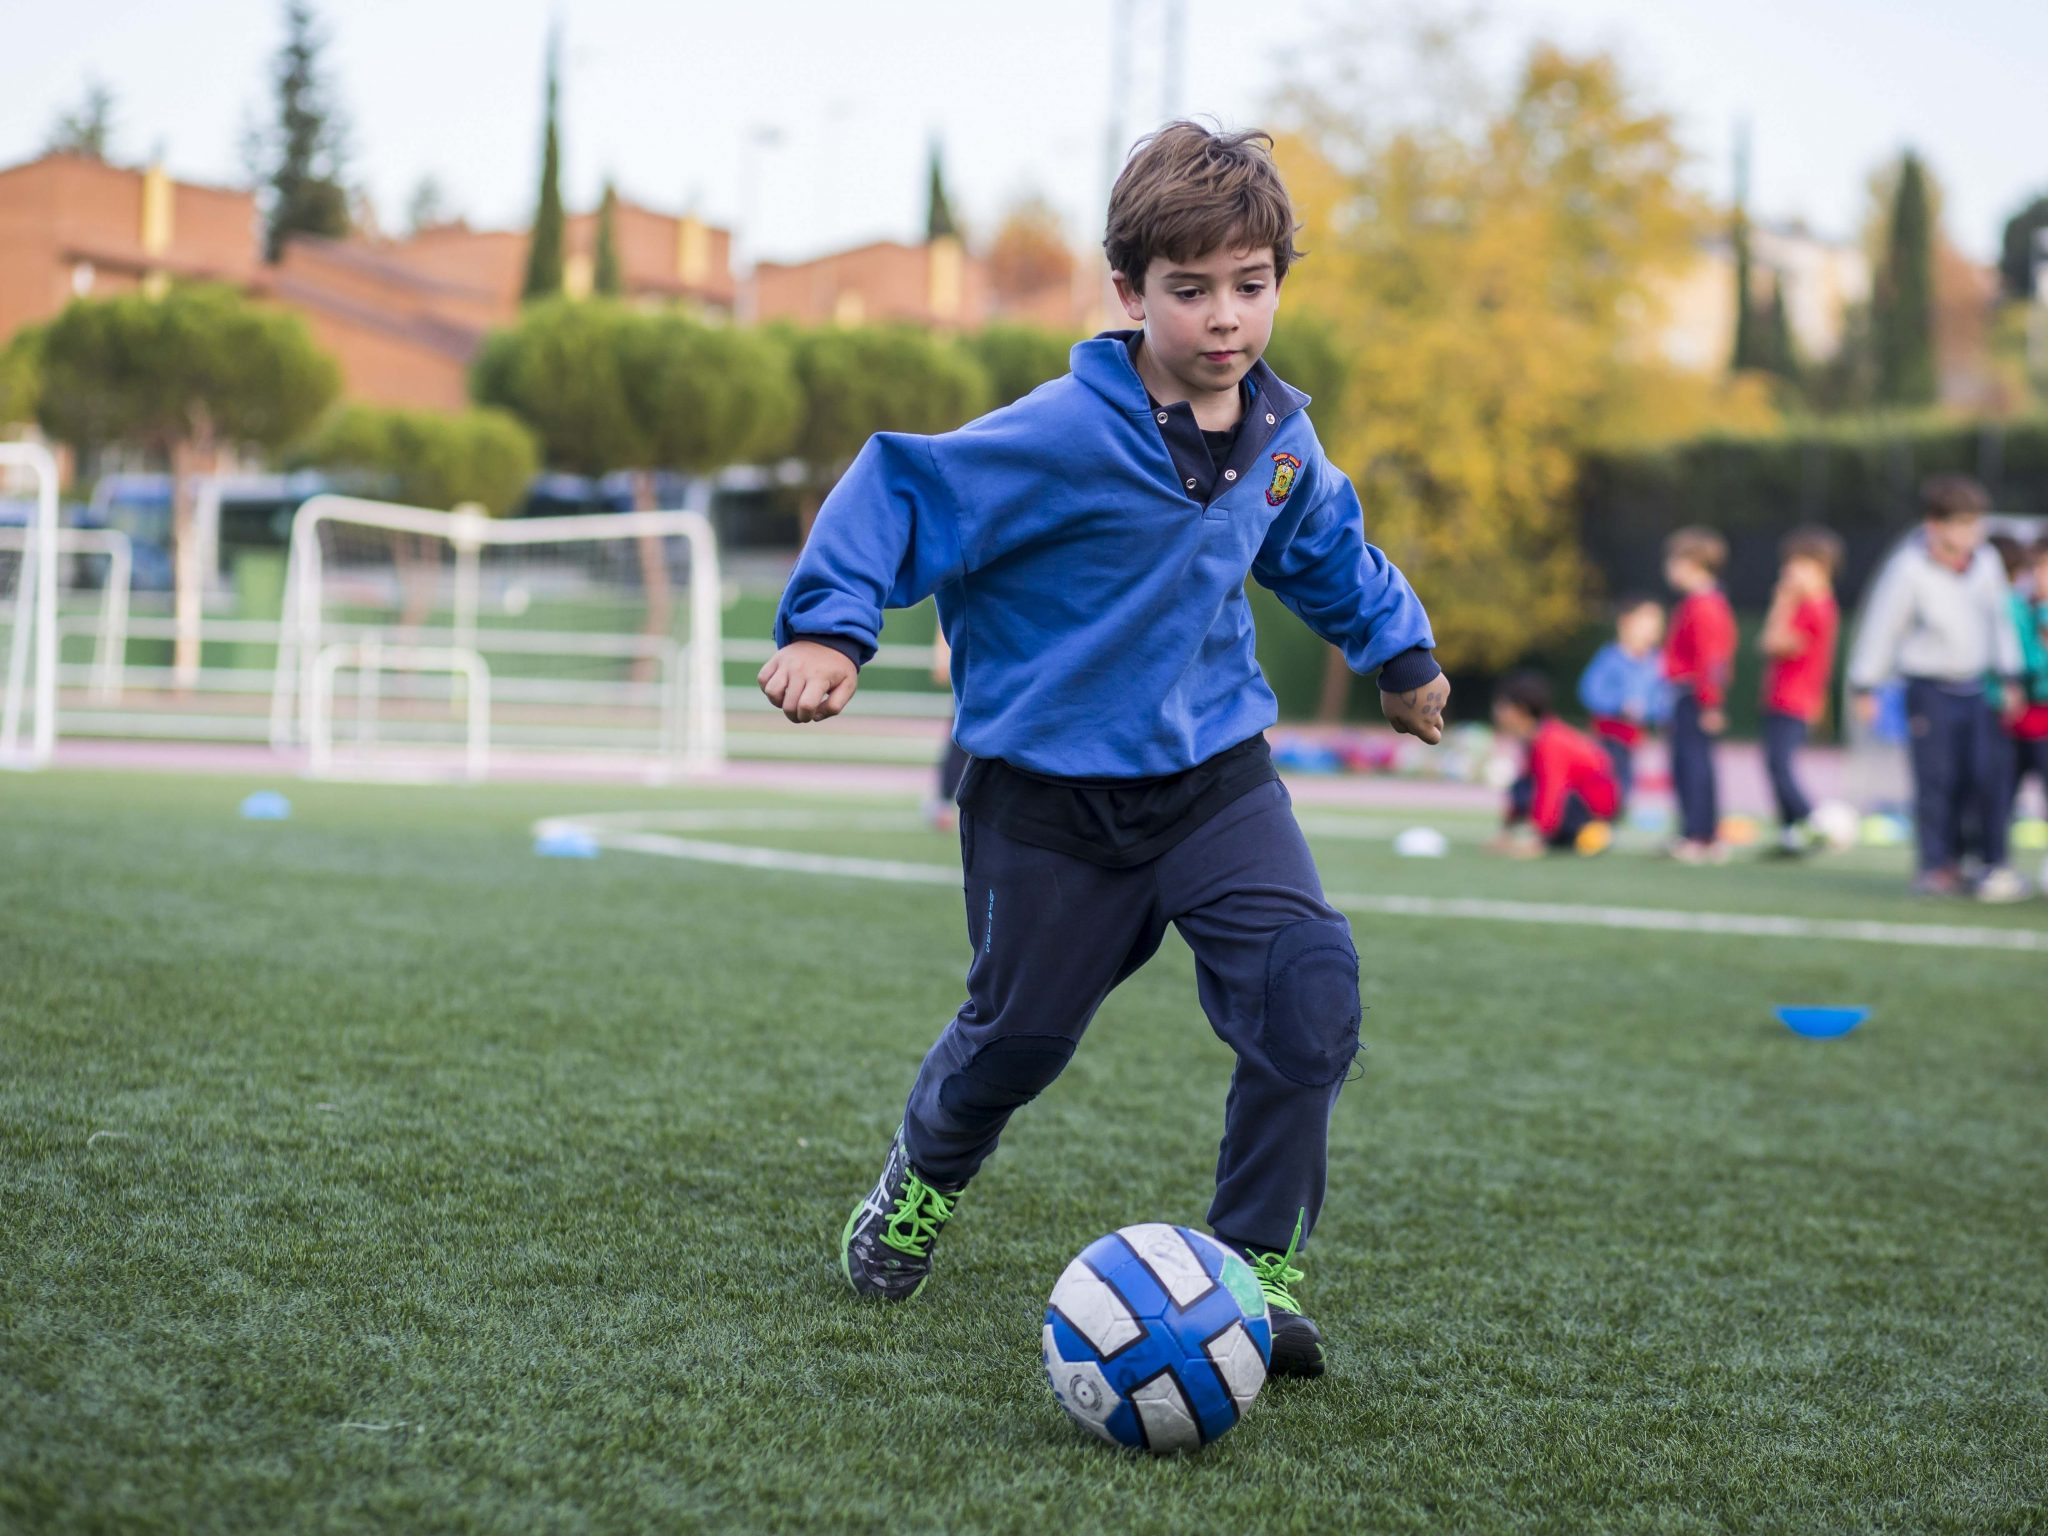 Campamento de verano con fútbol